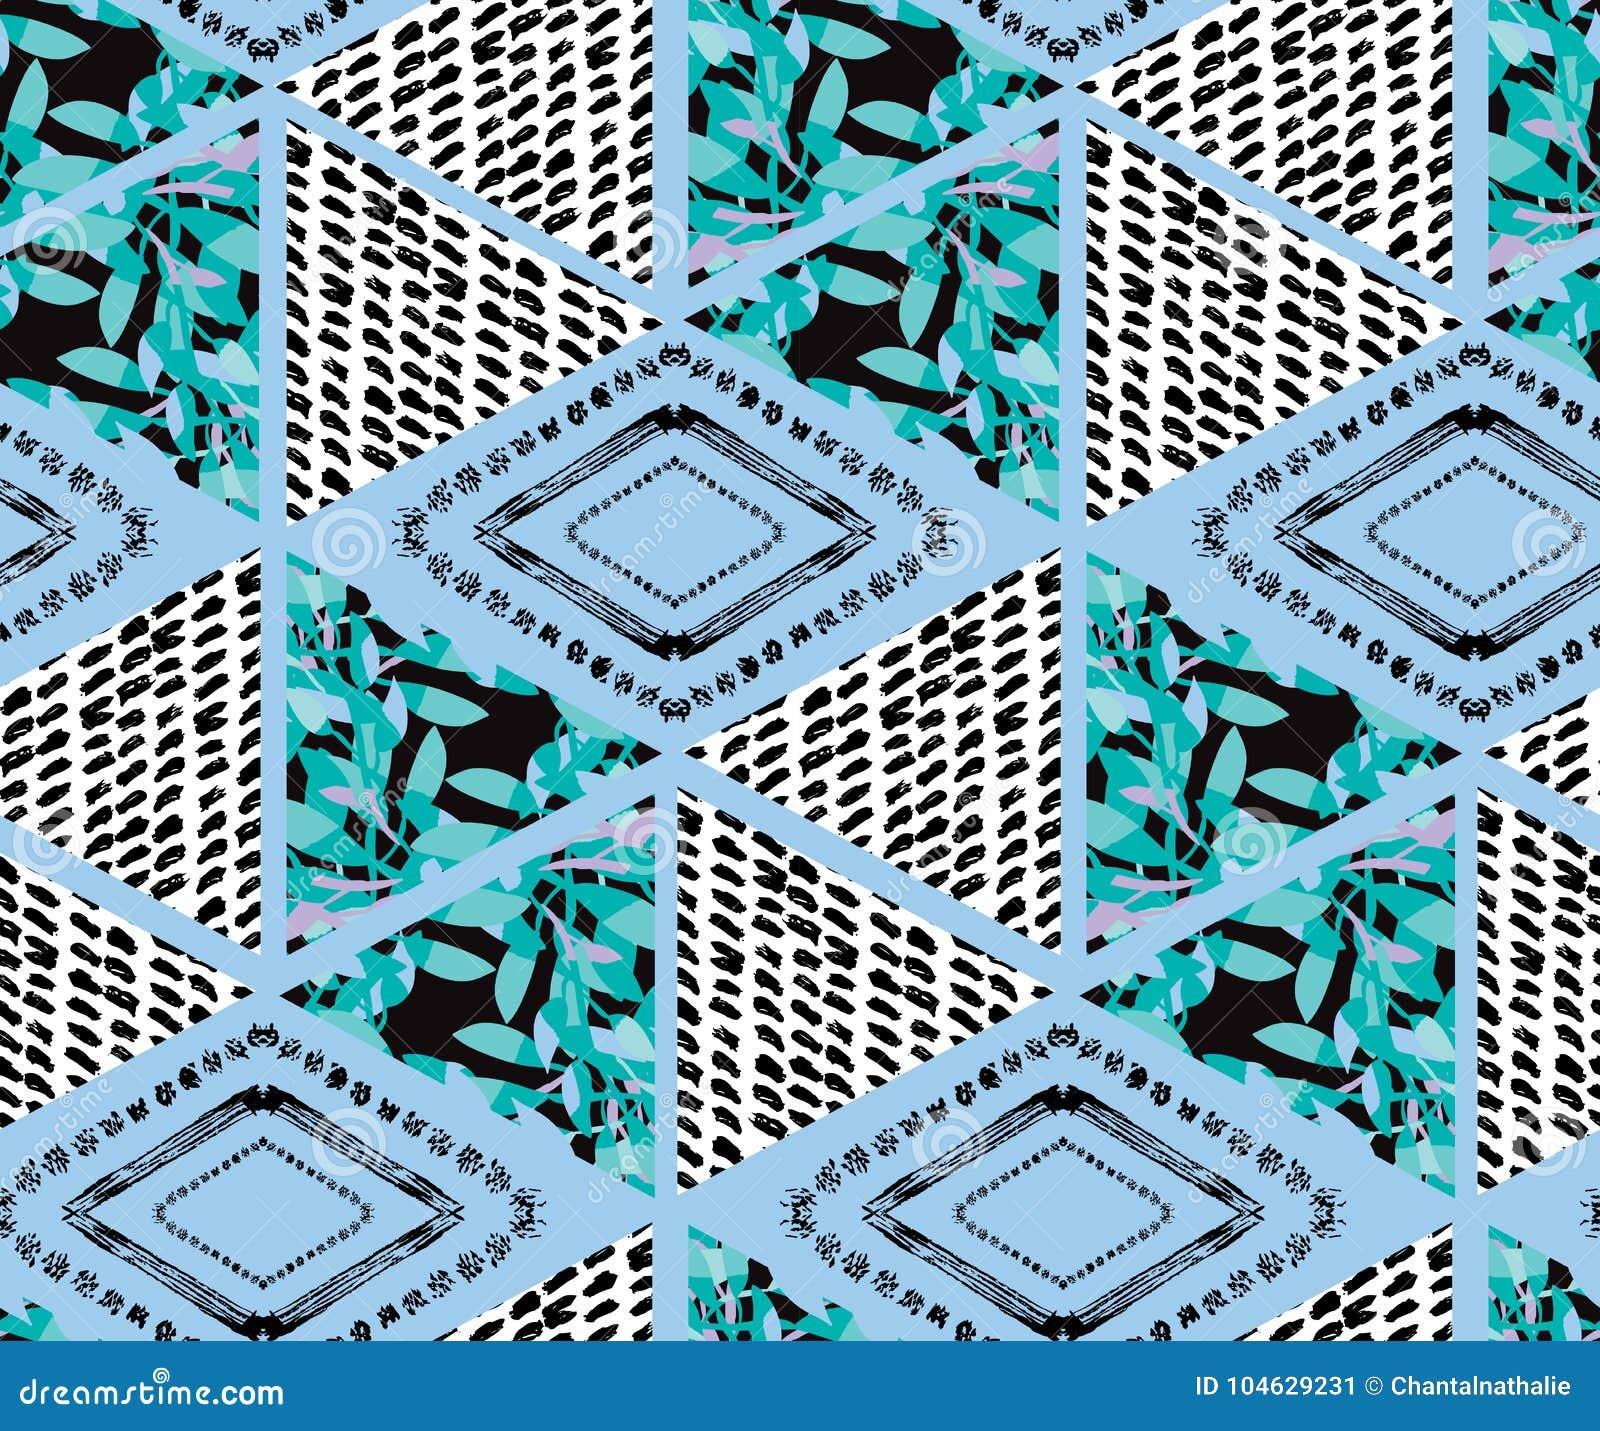 Download Abstract Naadloos Patroon vector illustratie. Illustratie bestaande uit ornament - 104629231